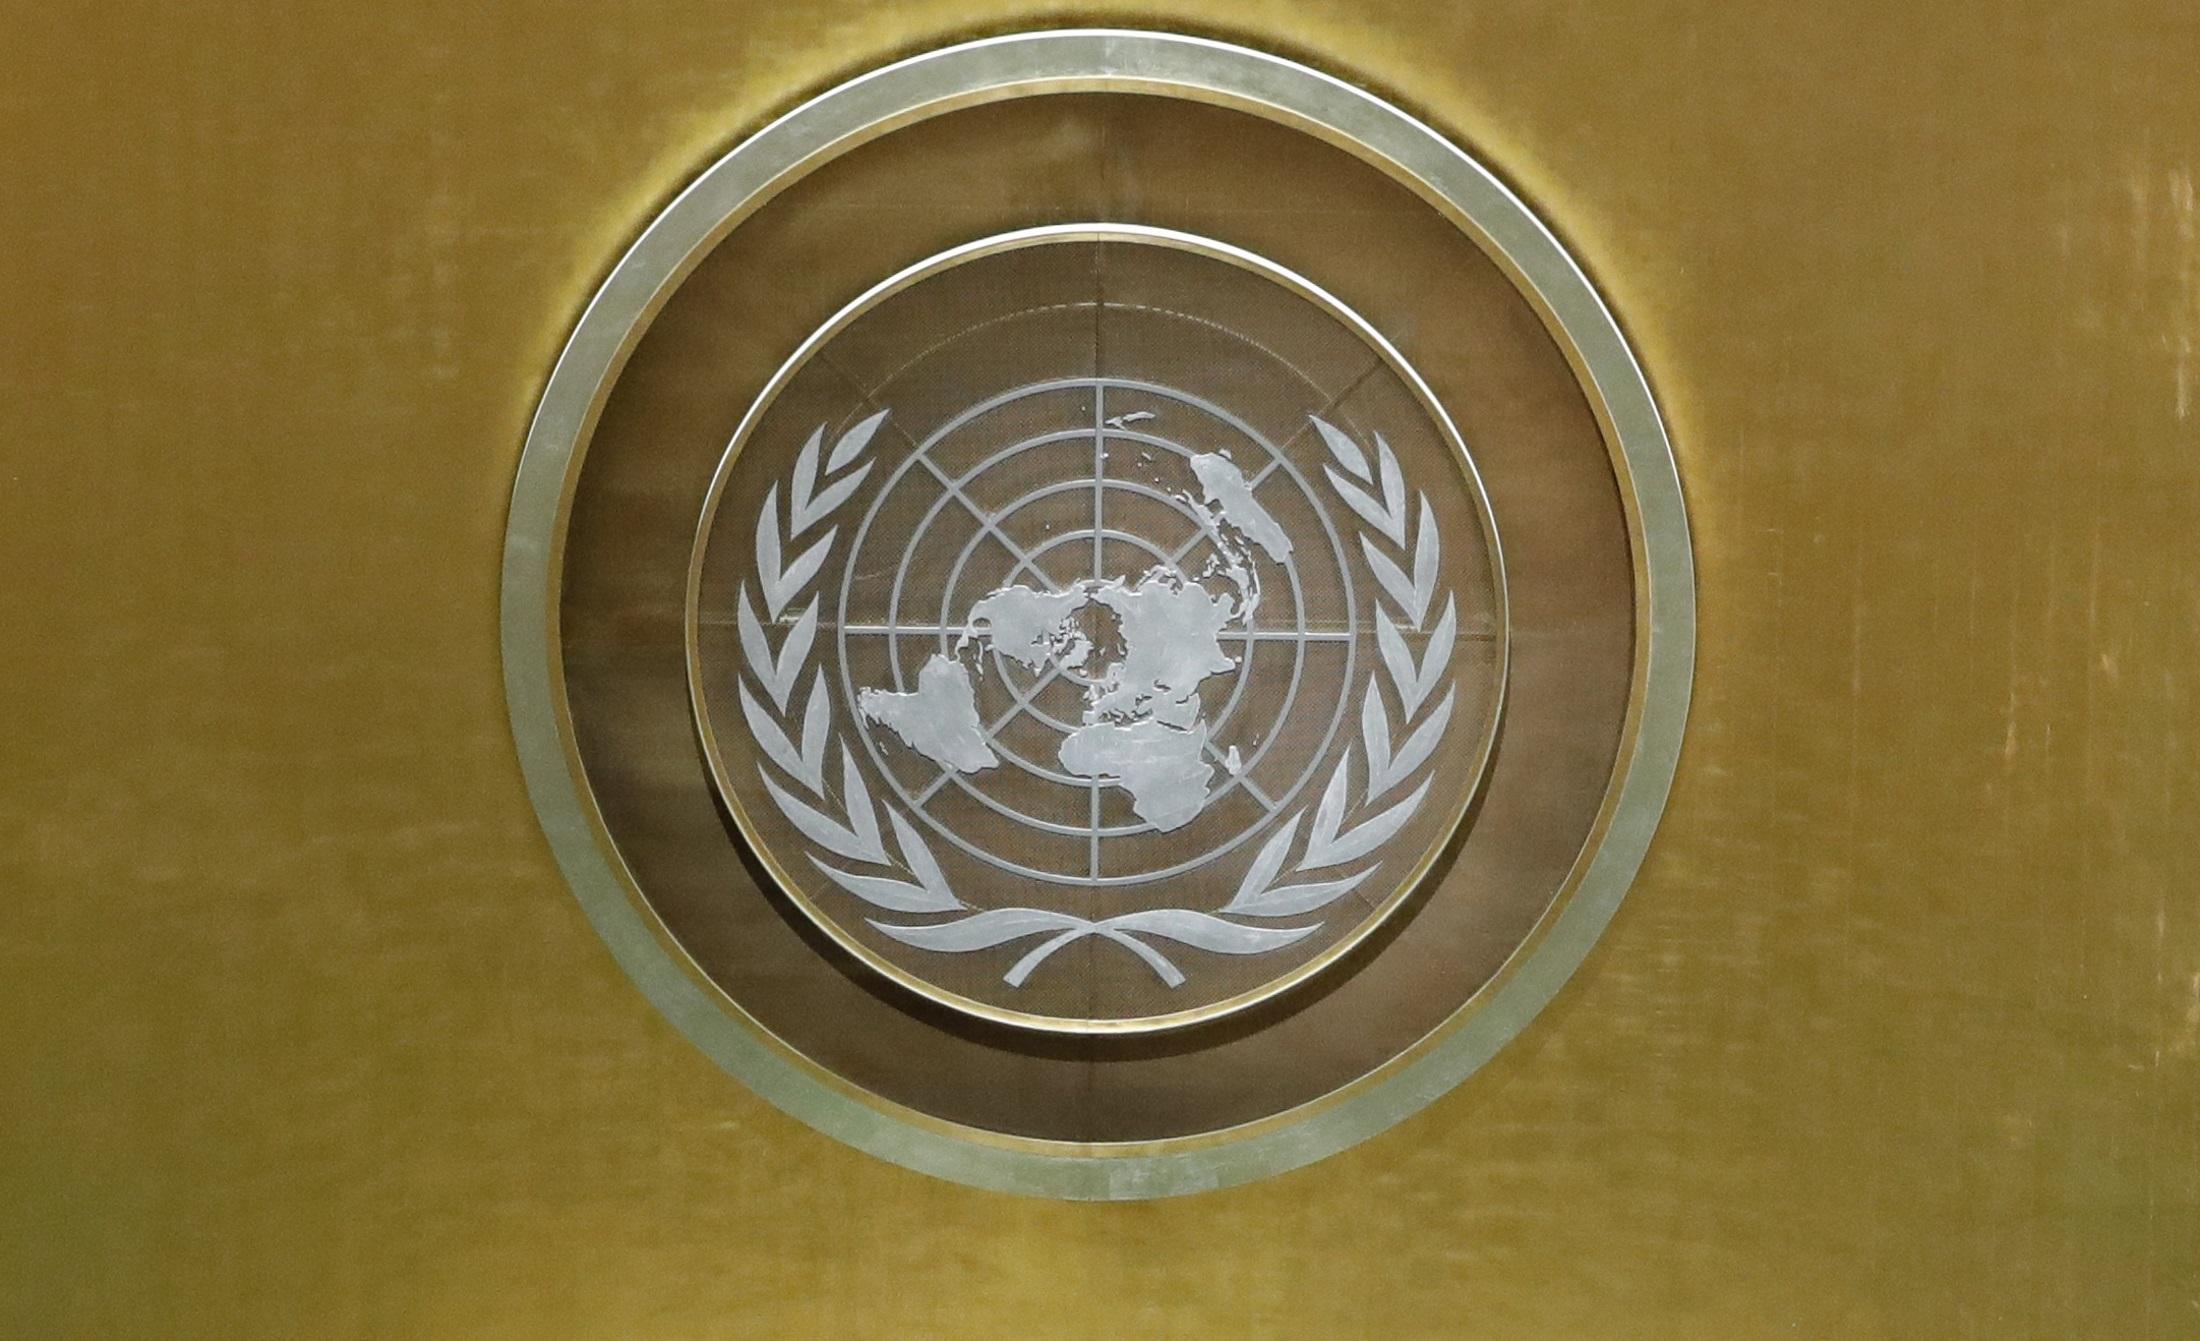 Και ο ΟΗΕ κατά του Τραμπ: «Να αποκηρύξει την πολύ επικίνδυνη γλώσσα»